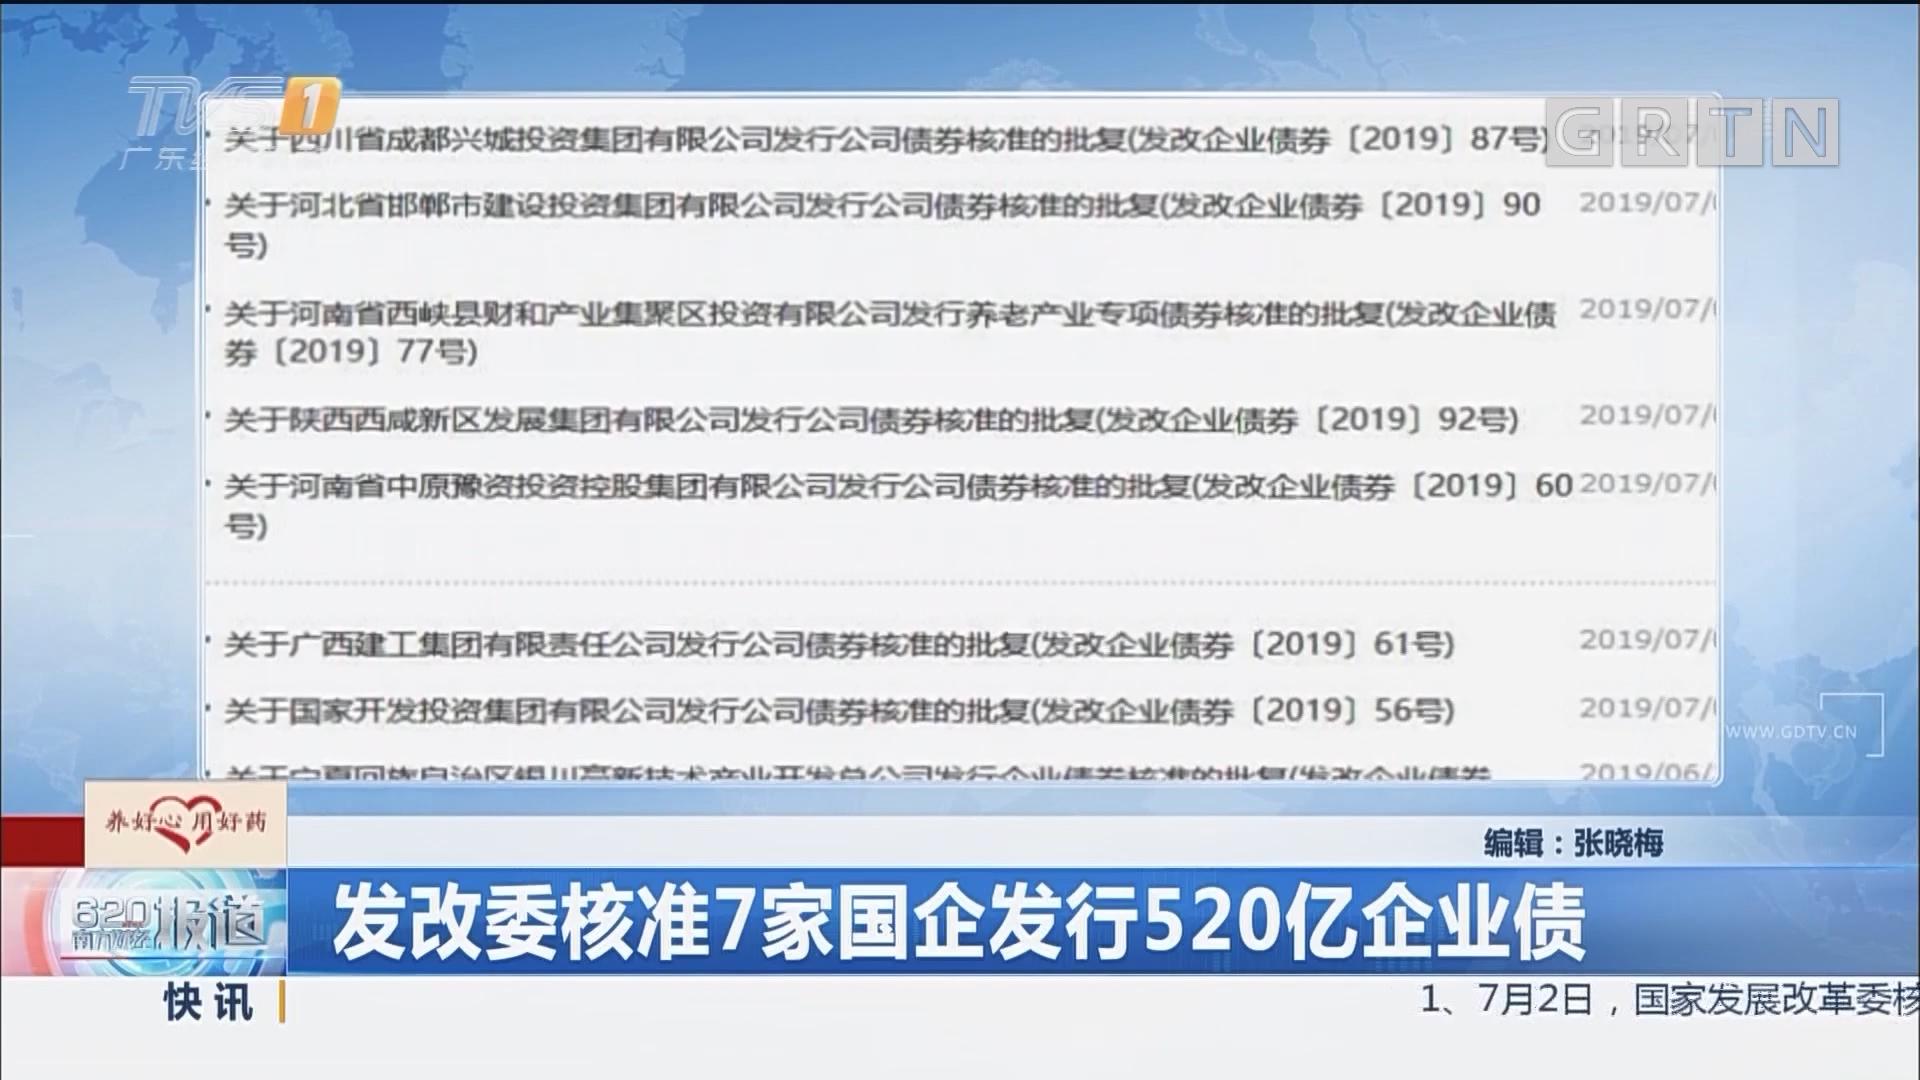 发改委核准7家国企发行520亿企业债